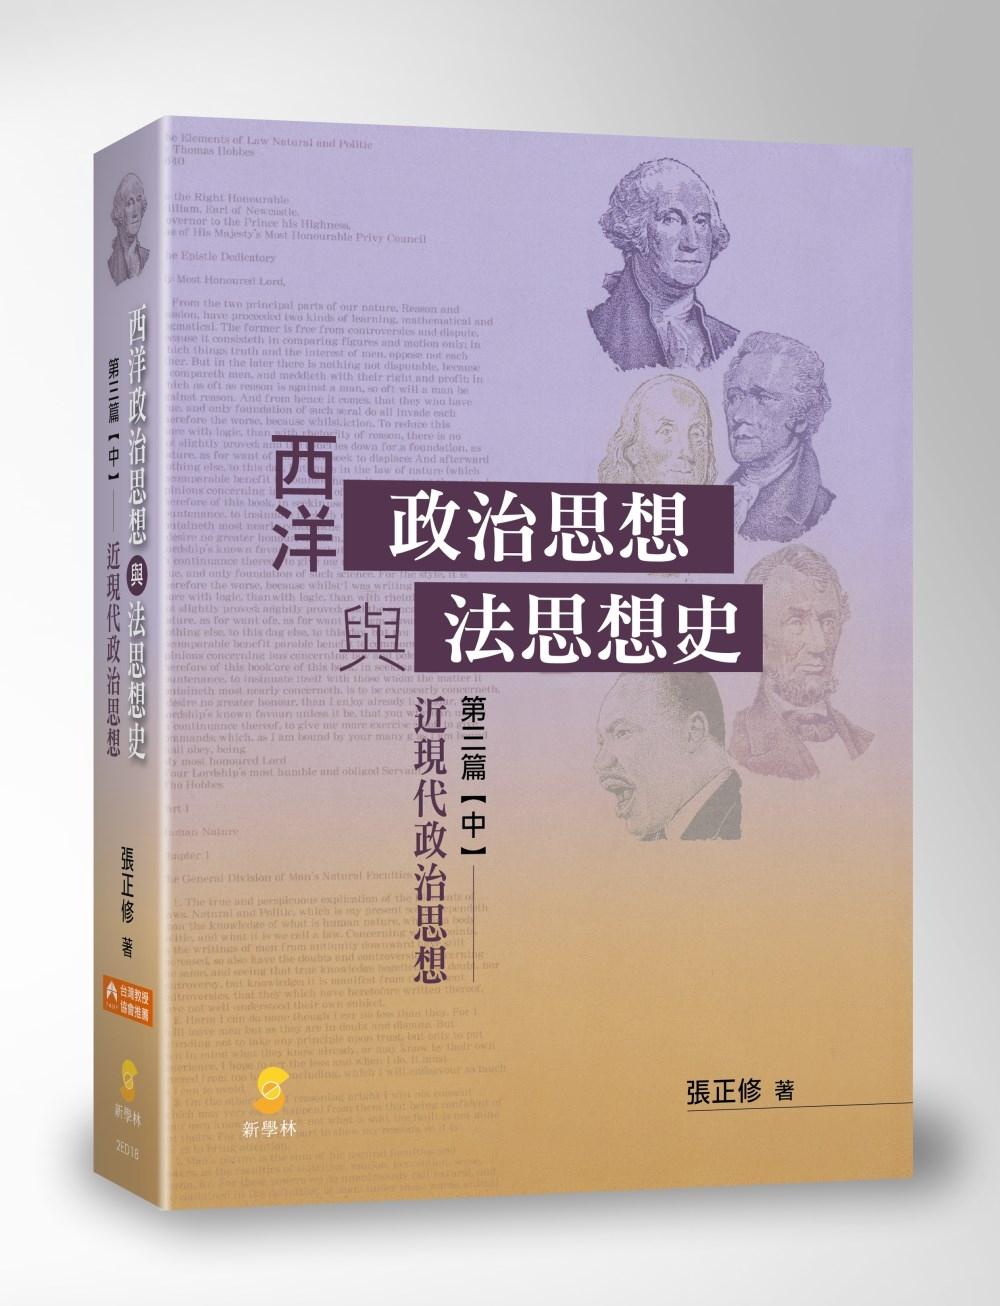 西洋政治思想與法思想史 (第三篇中)近現代政治思想